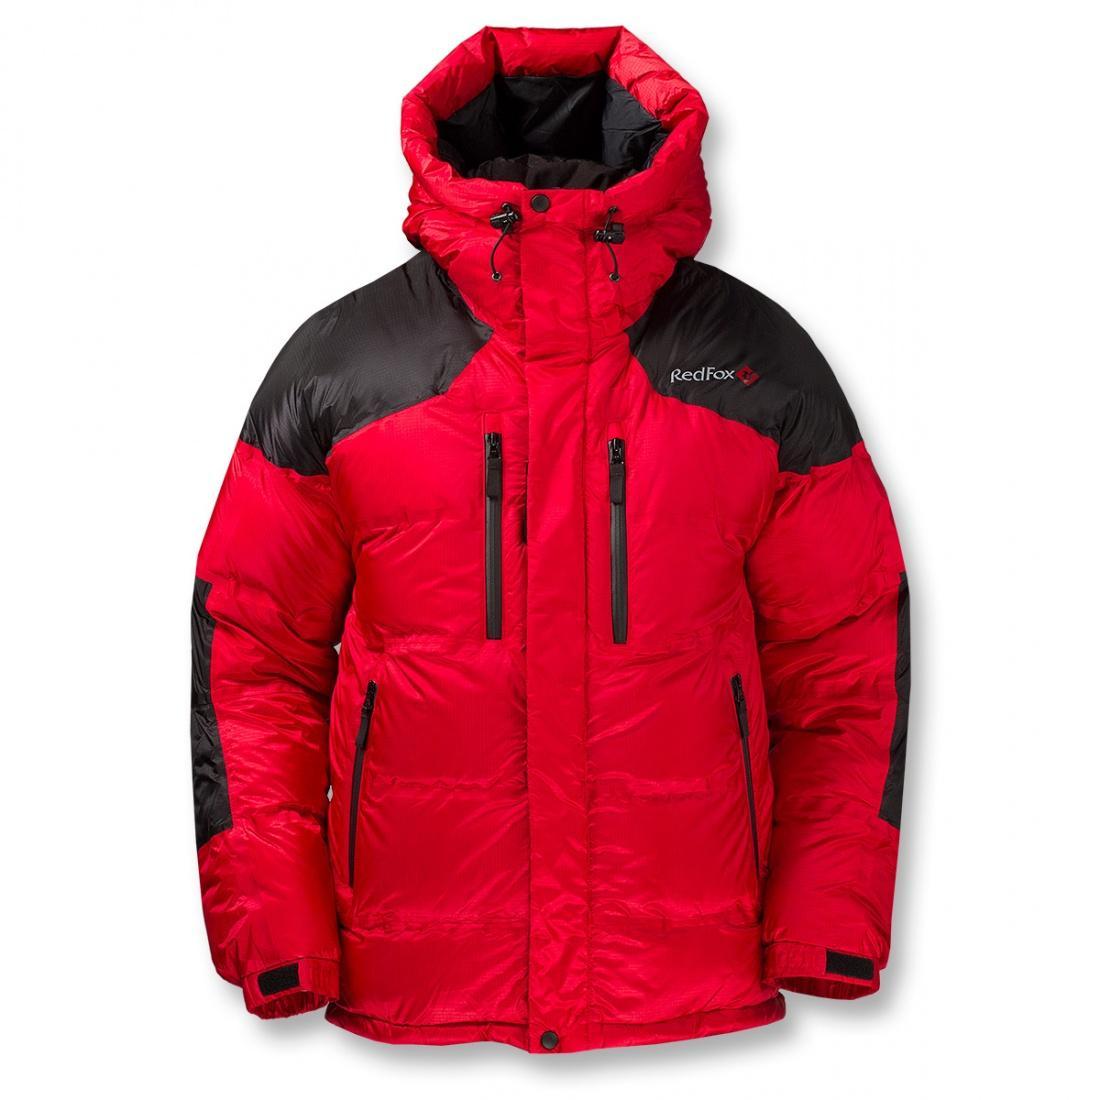 Куртка пуховая Extreme IIКуртки<br>Куртка из мембранных материалов для экстремальных условий. <br><br><br>Материал: Dry Factor 10000<br> <br>Подкладка: Nylon DP<br>Утеплитель: гус...<br><br>Цвет: Красный<br>Размер: 60